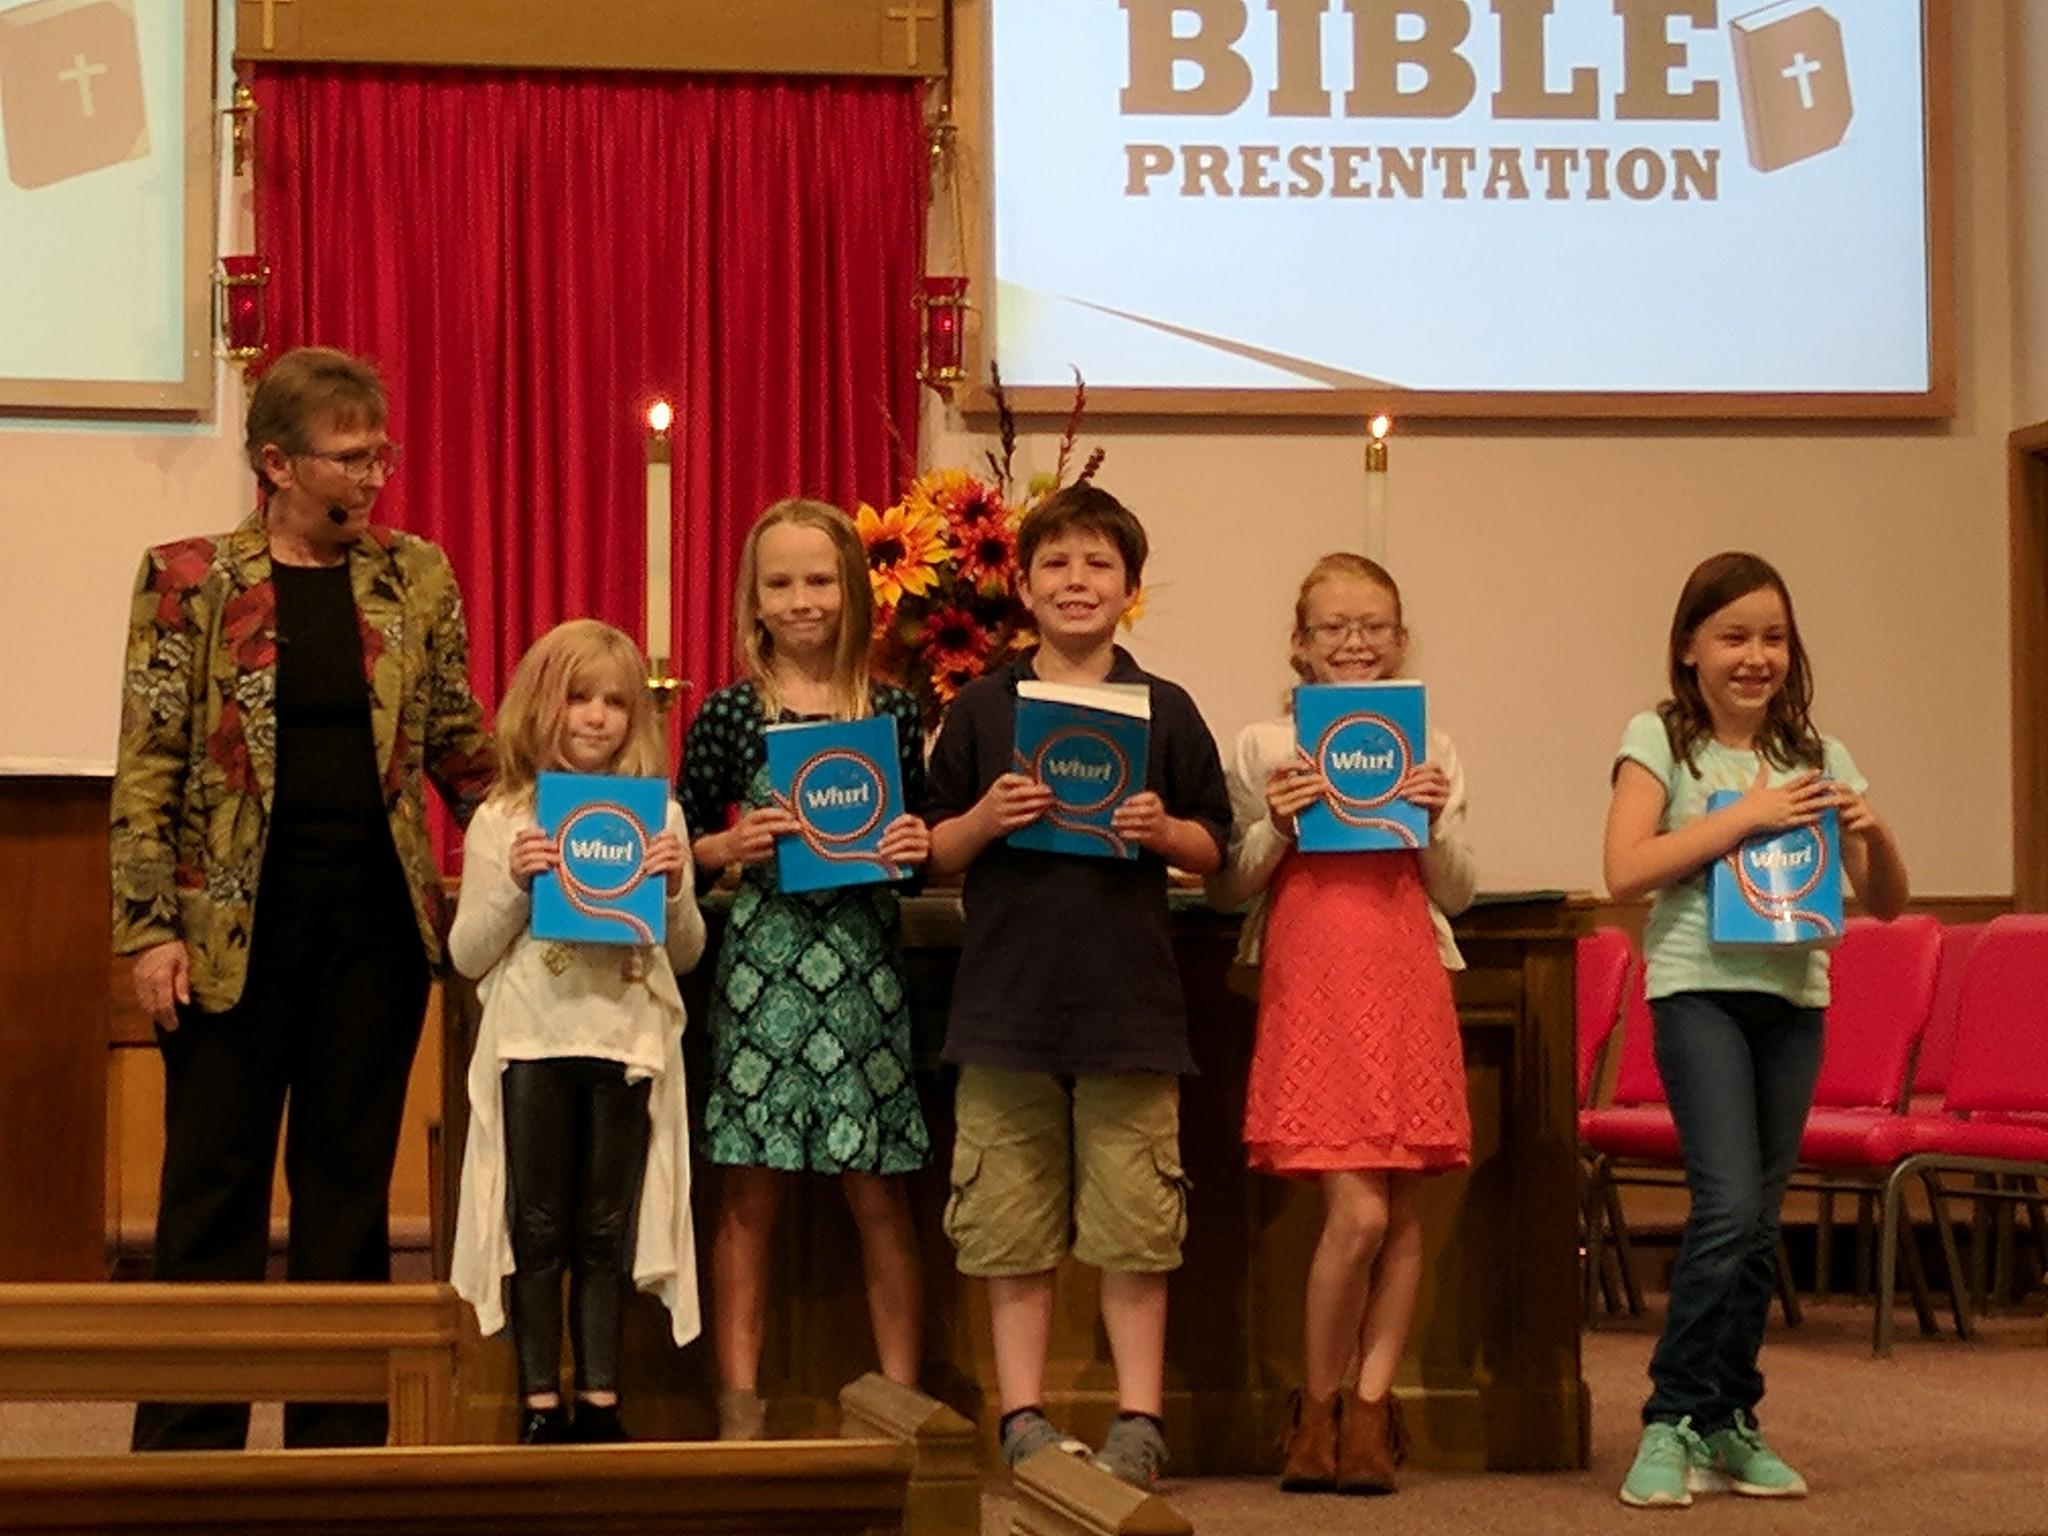 3rd grade Bibles